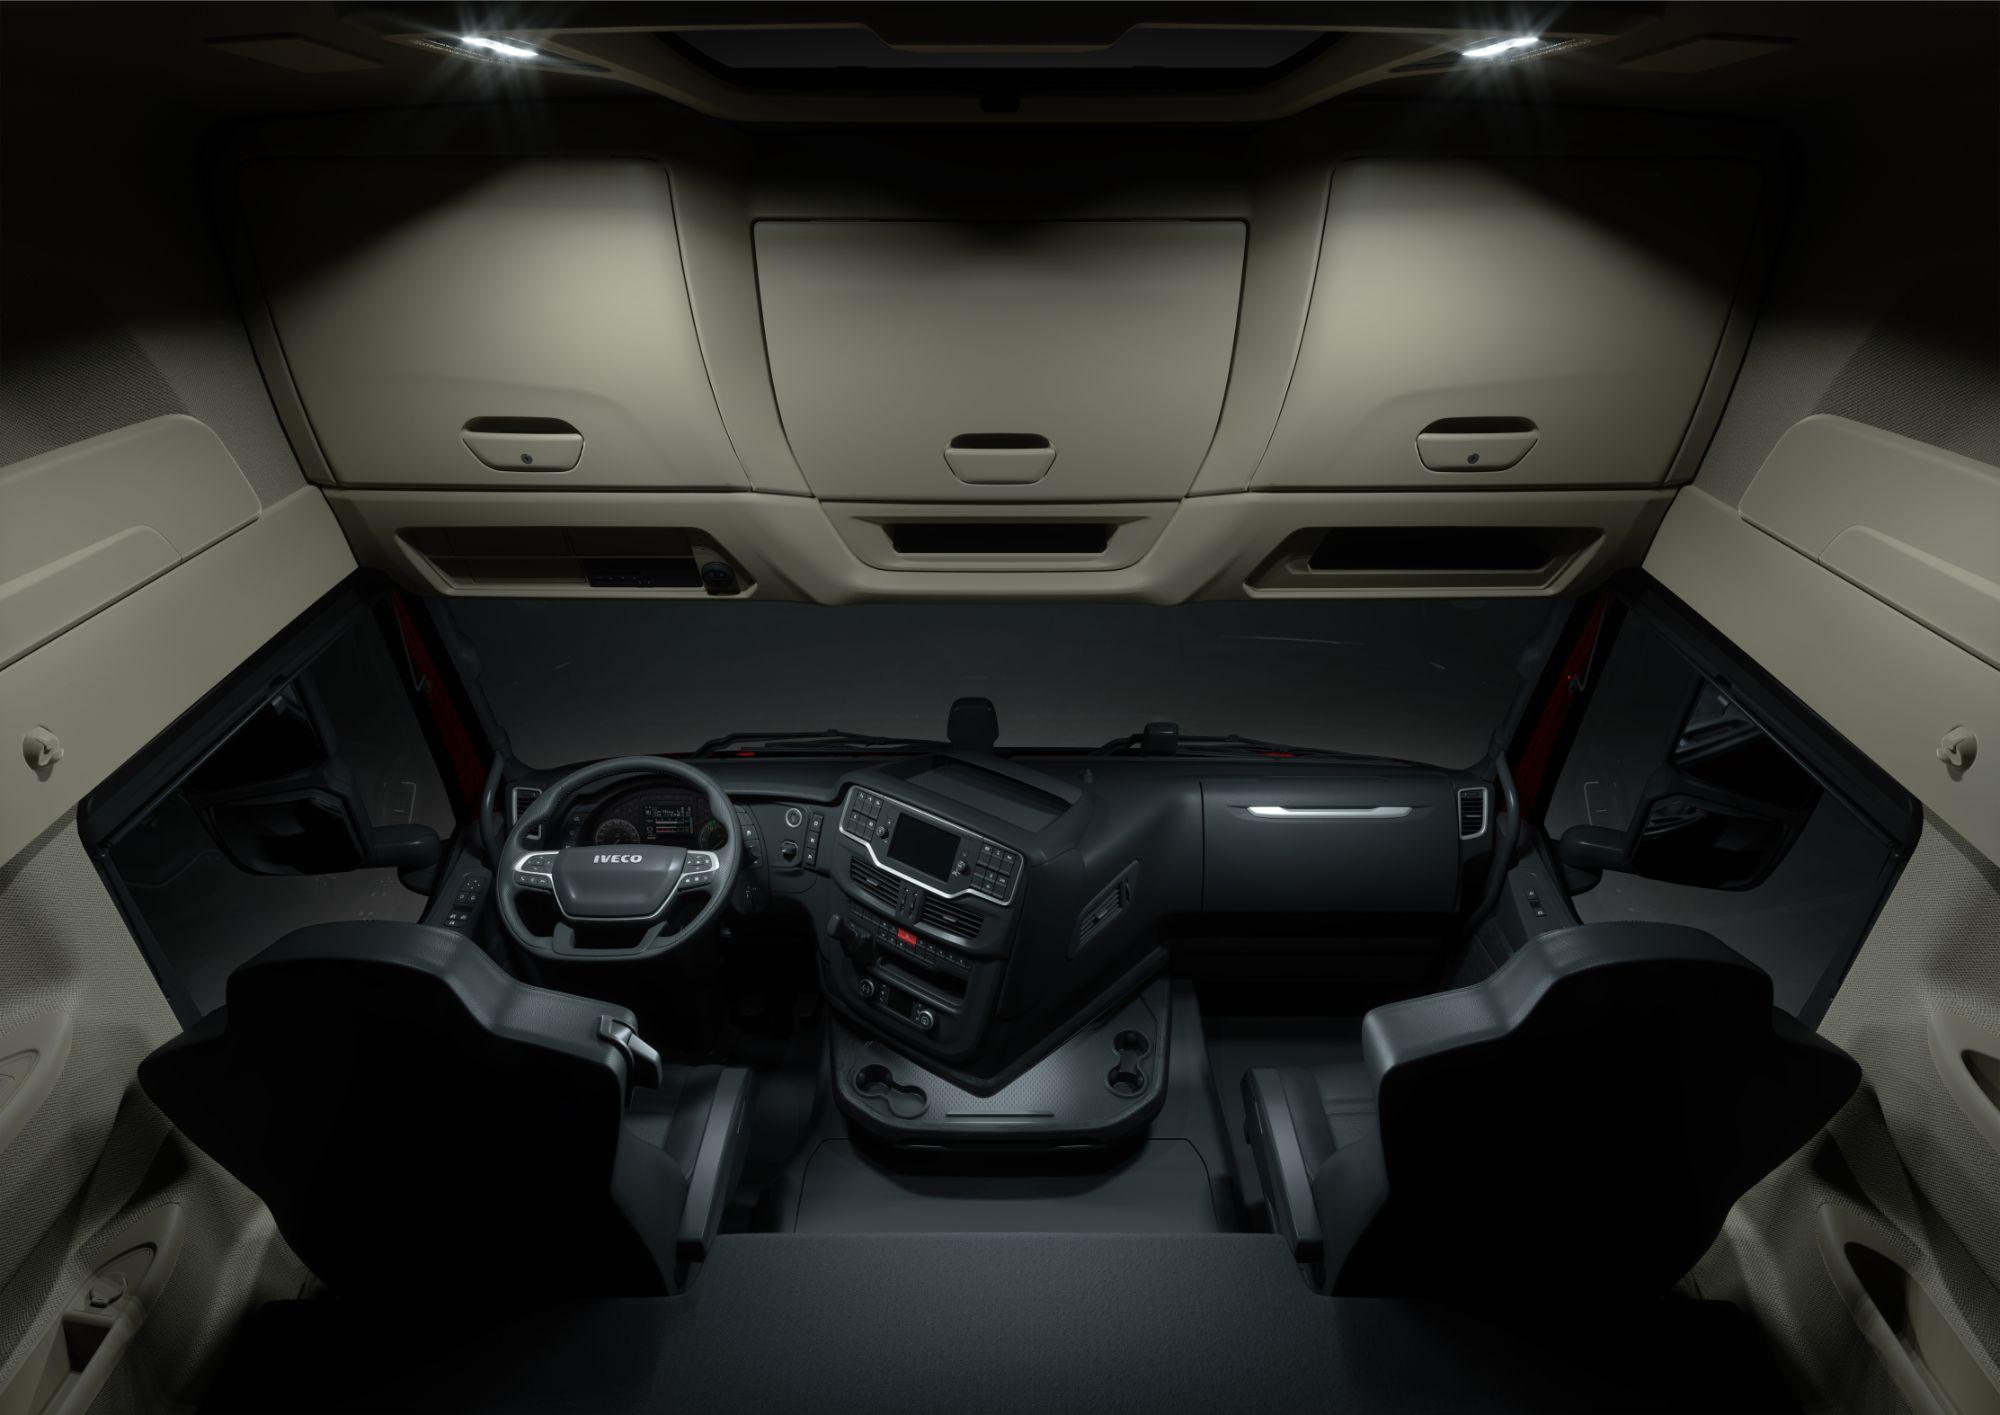 Iveco S-way interior